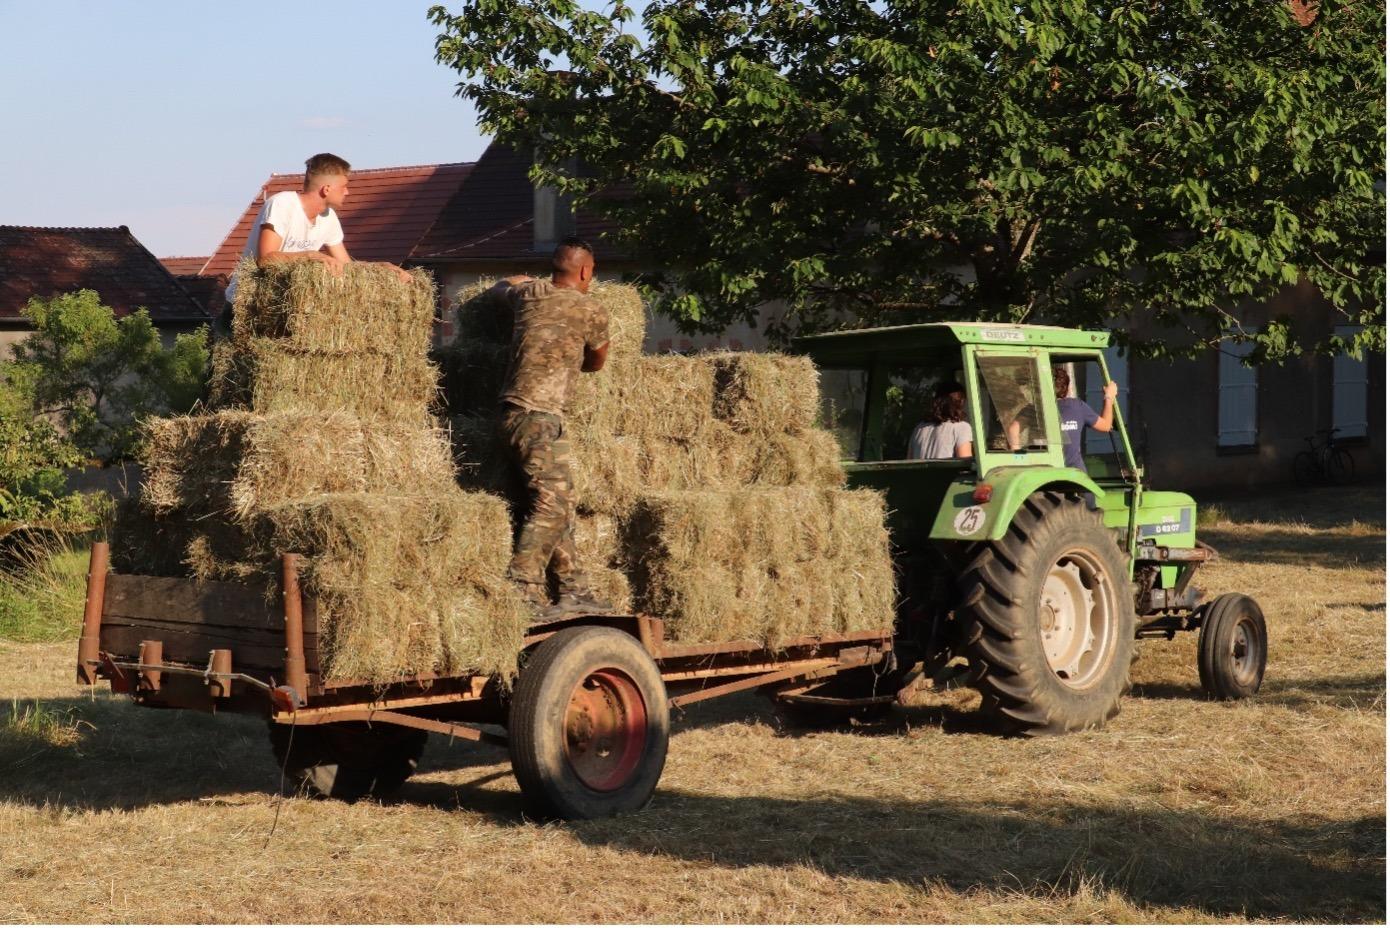 Photo travail à la ferme